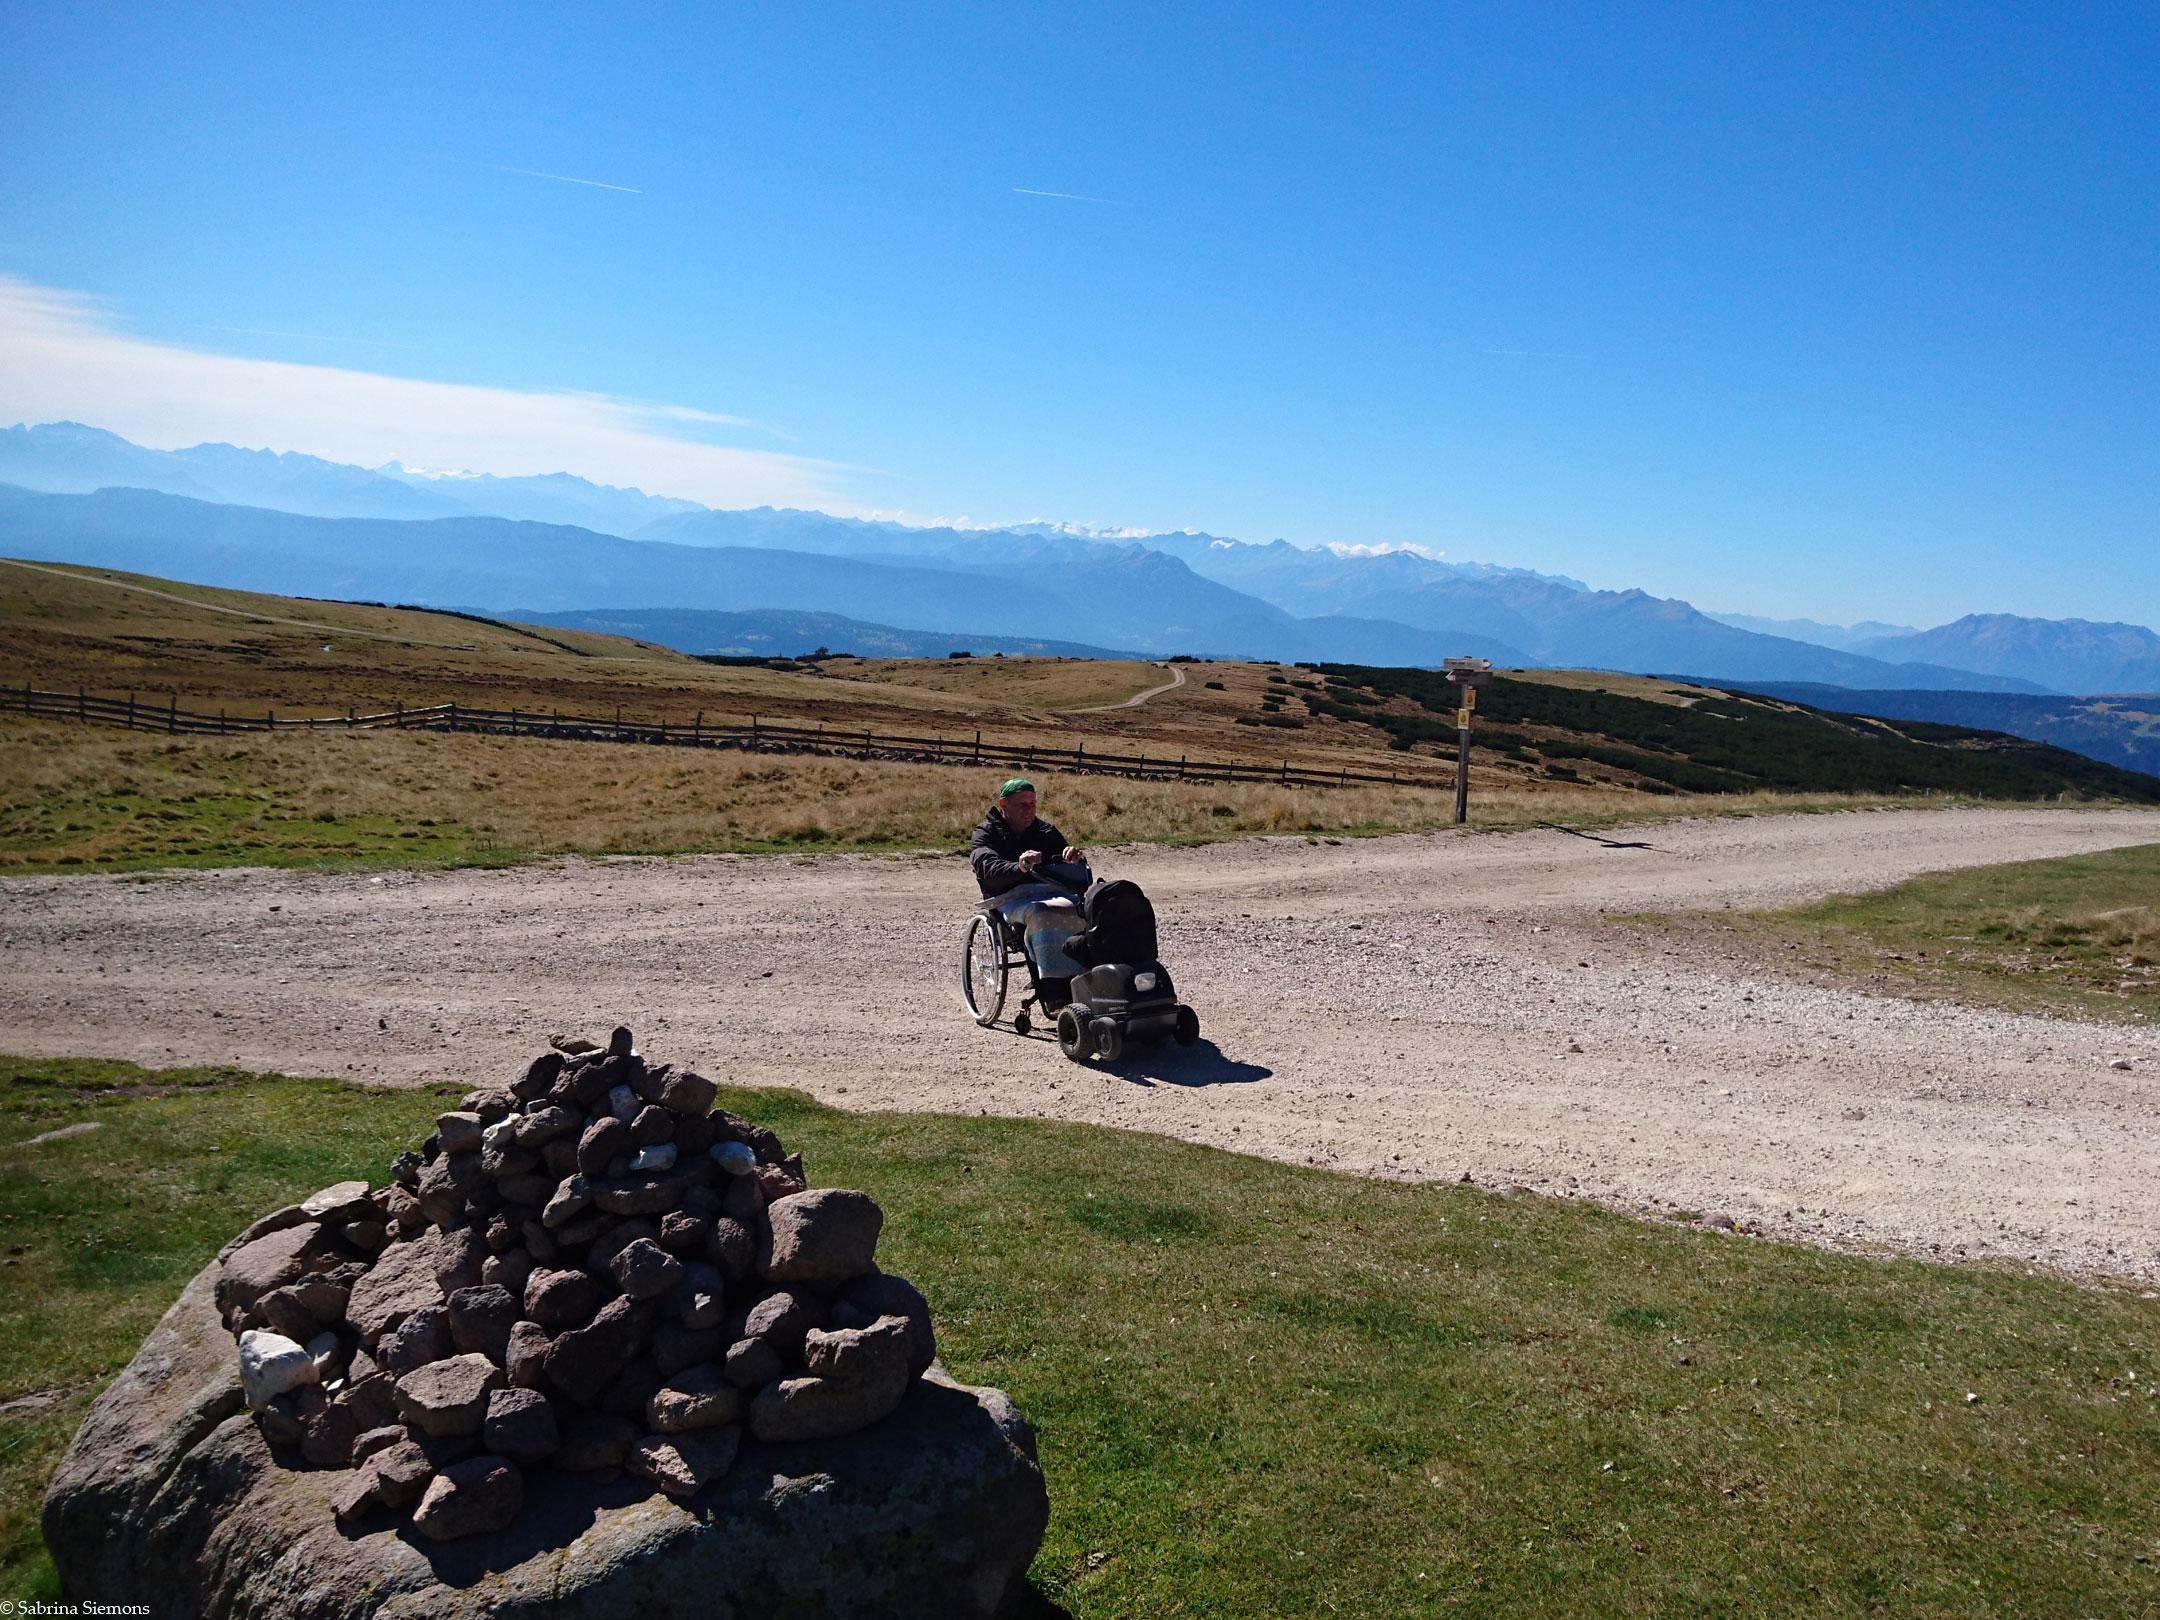 Wheelchair-Tours-Wheelchair-Rittner-Horn-Rueckblick-Wegweiser-with-Baumi-1